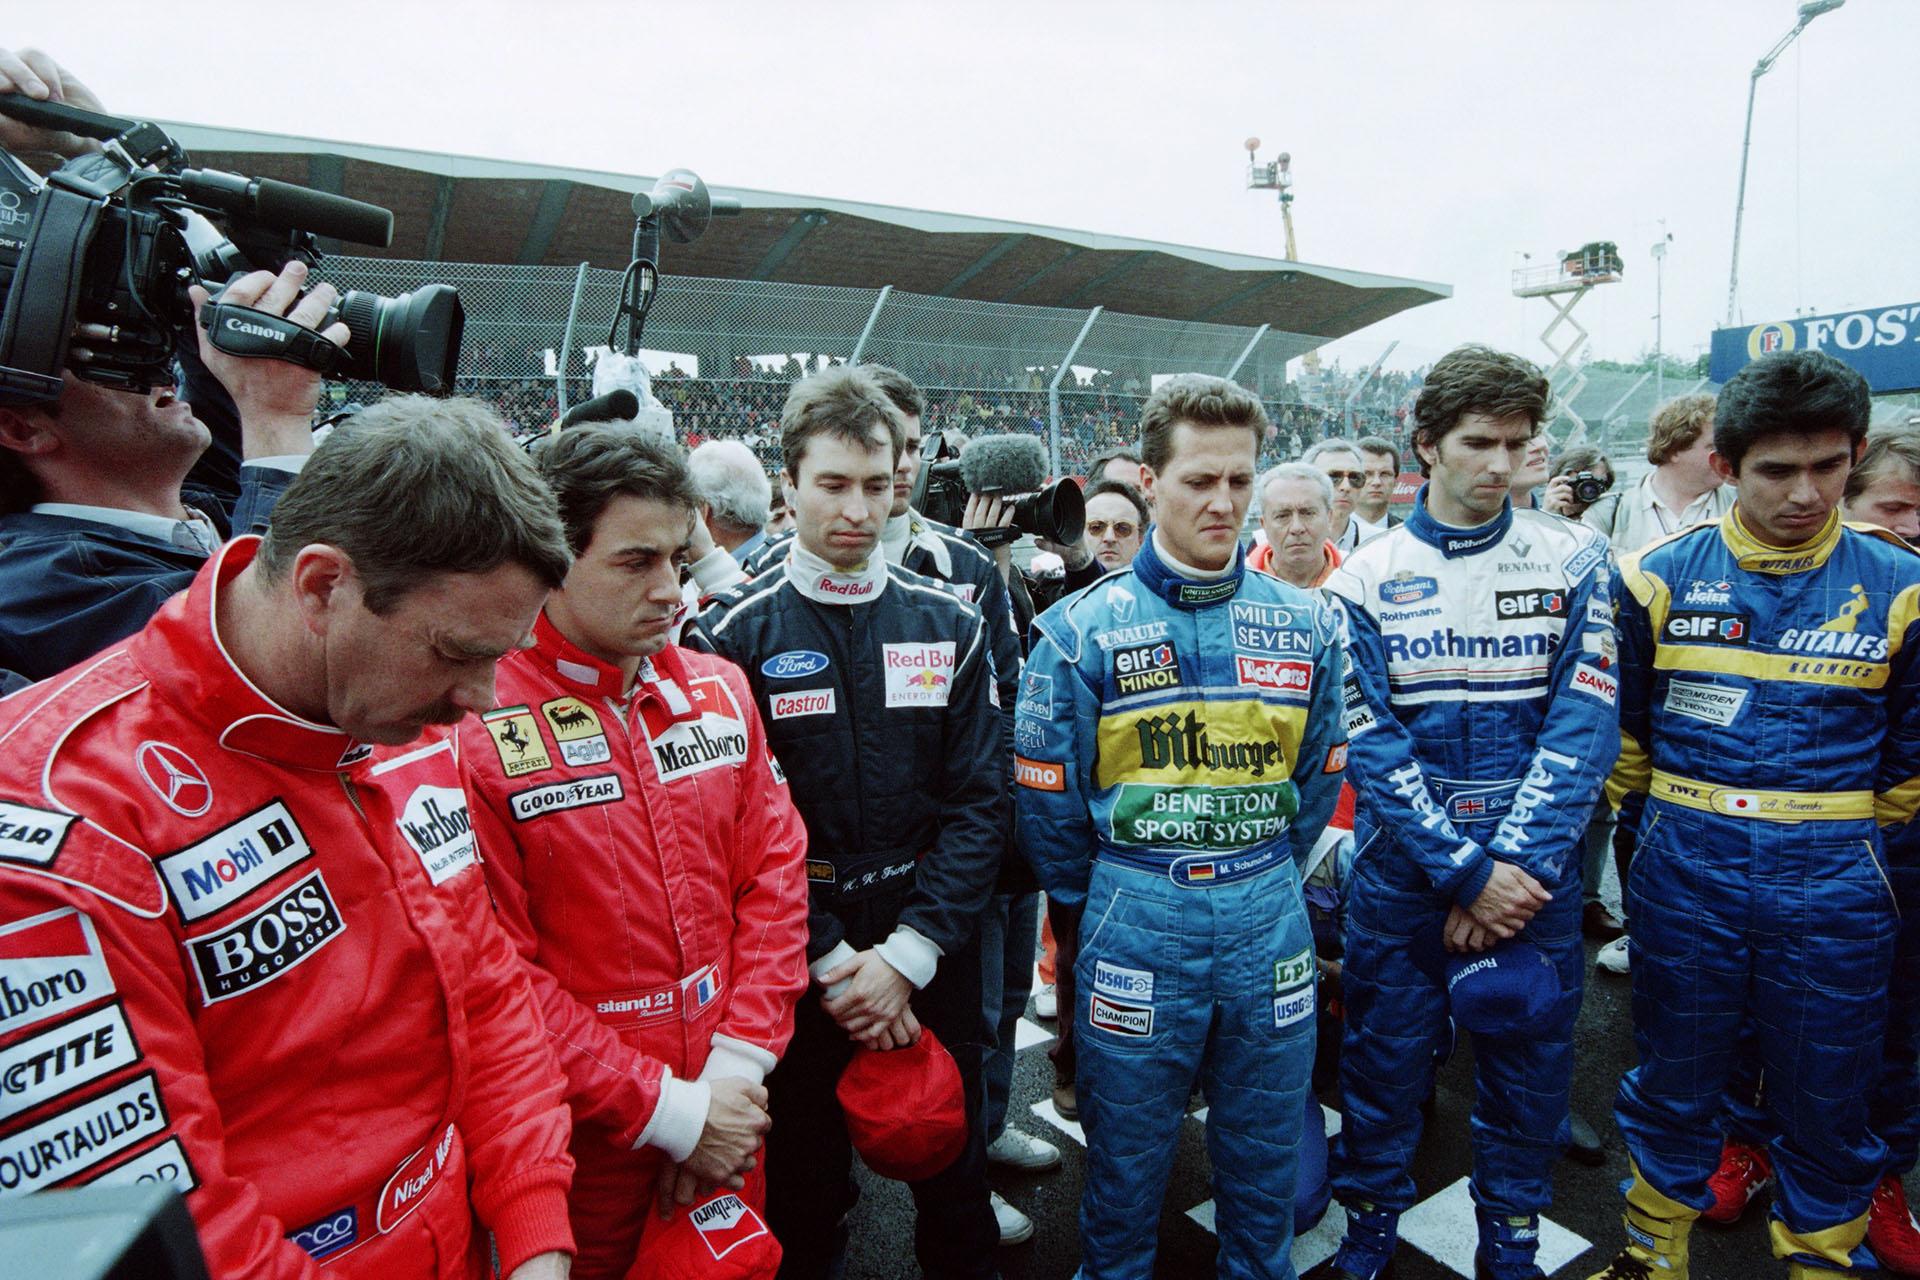 Después del accidente en el Gran Premio de Imola, los pilotos hicieron un minuto de silencio por lo que le sucedió a Senna: de izquierda a derecha aparece el británico Nigel Mansell, el francés Jean Alesi, el alemán Harald Frentzeny Michael Schumacher, el británico Damon Hill y el japonés AuguriSuzuki